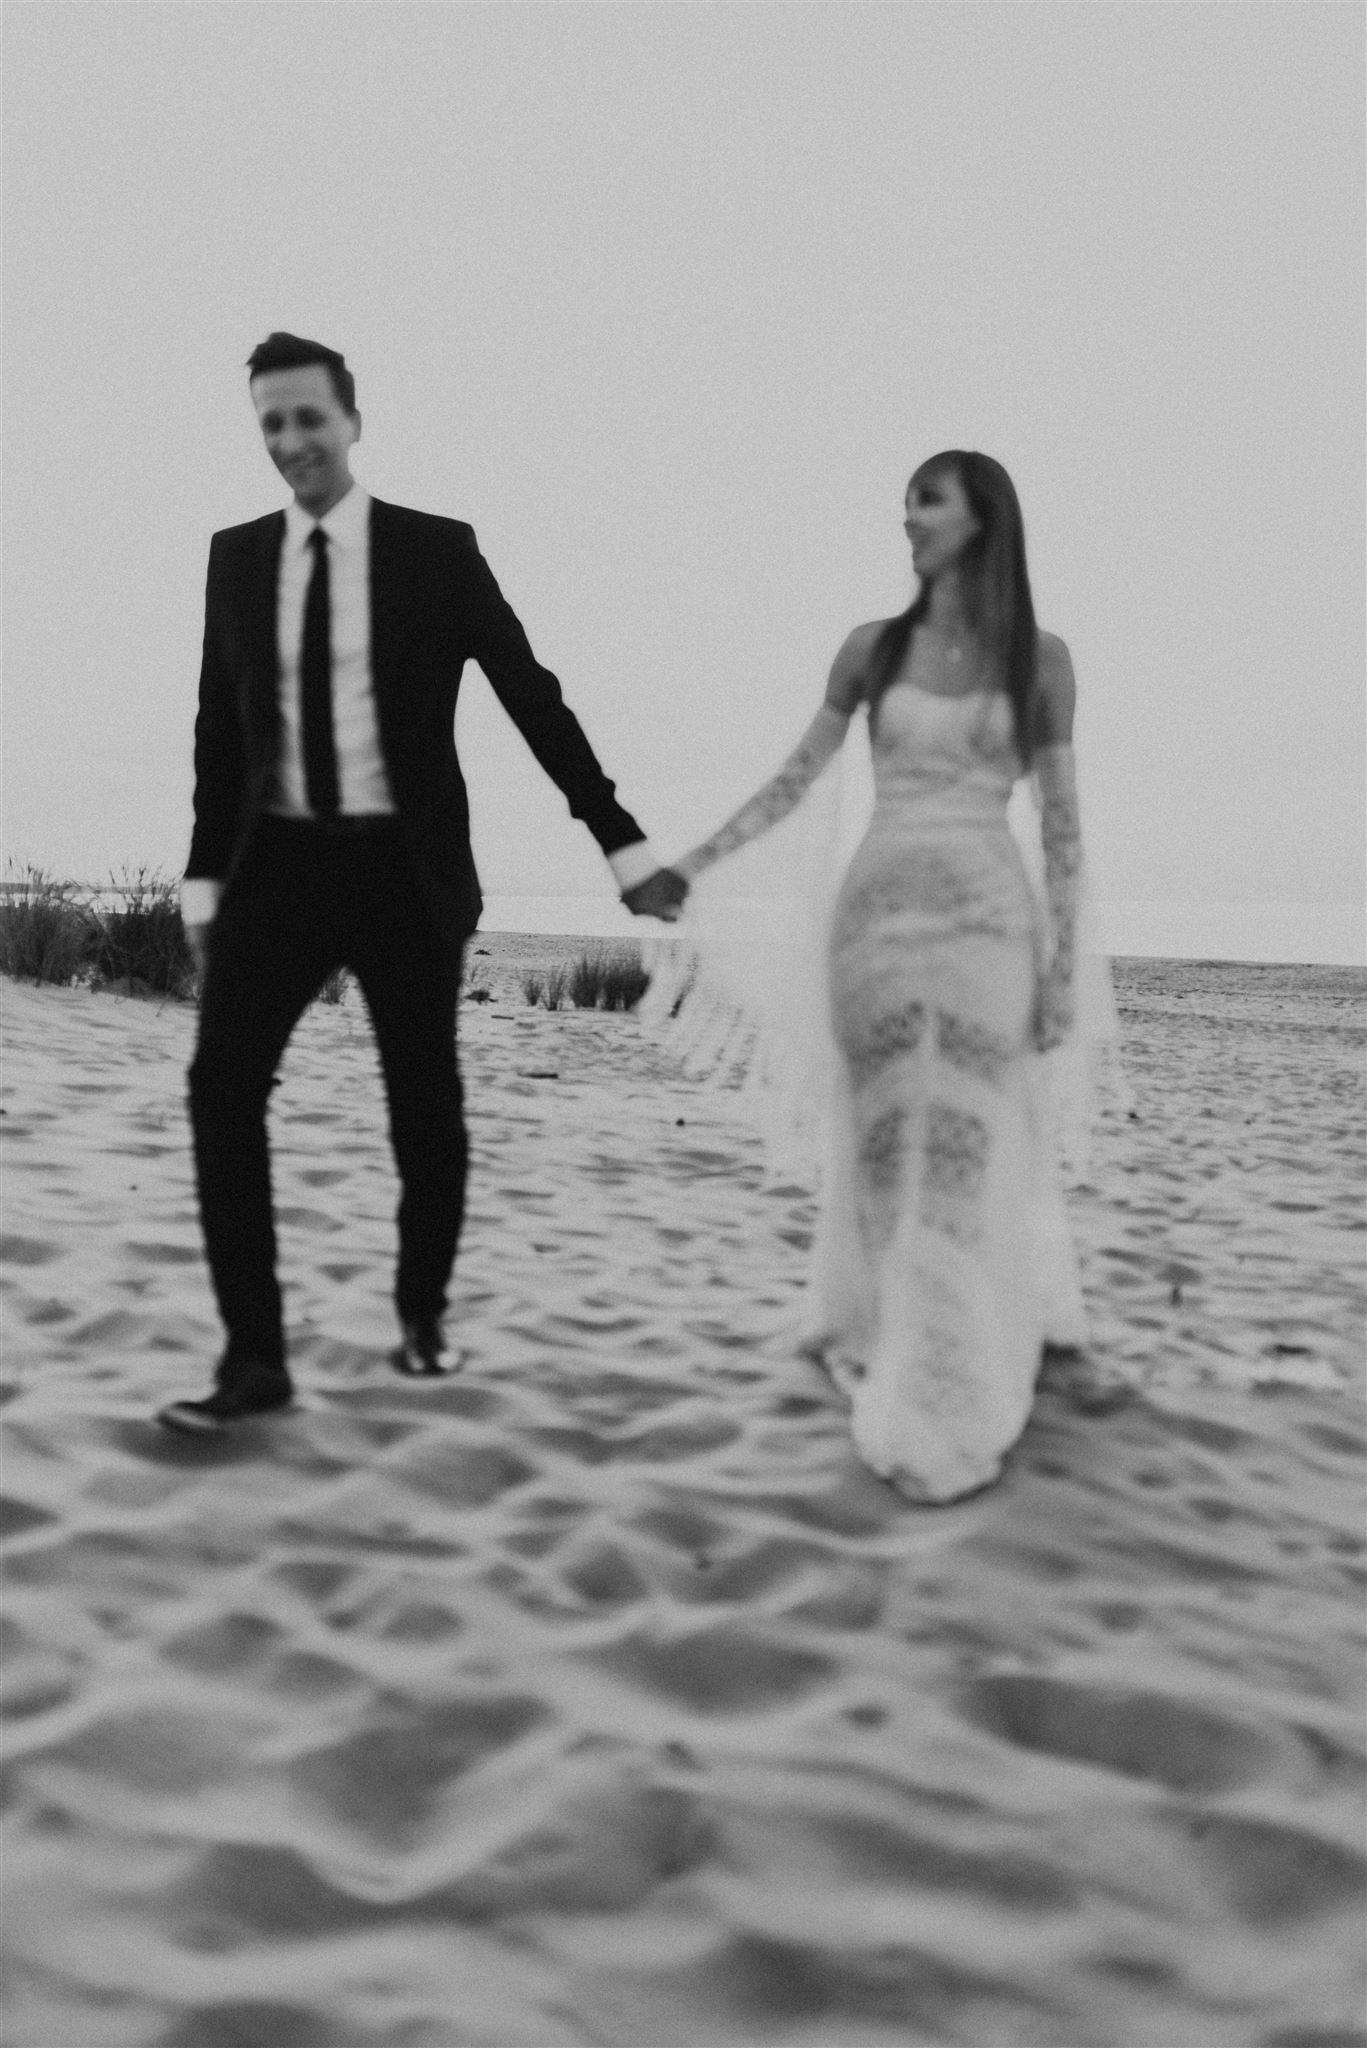 Nasza osobista sesja poślubna! 5 DSC 6356 2 websize